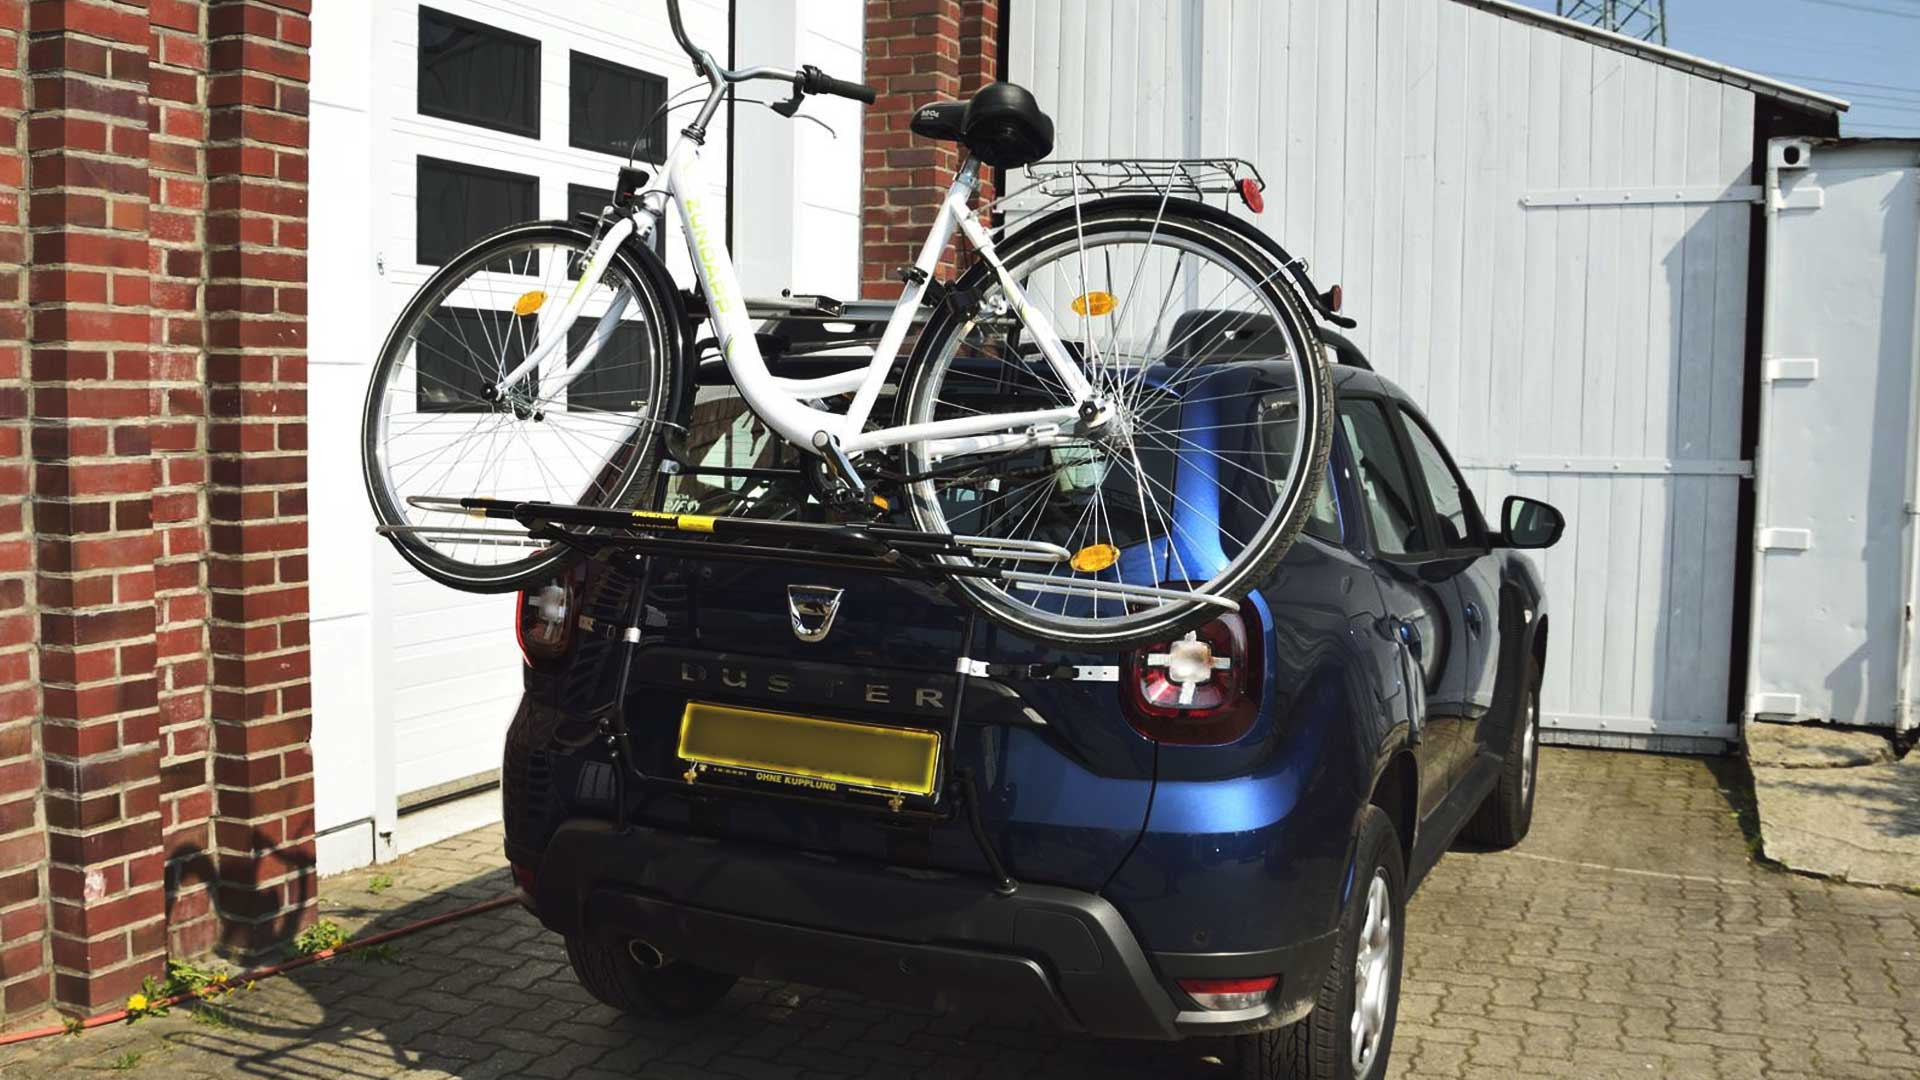 dacia duster bike rack